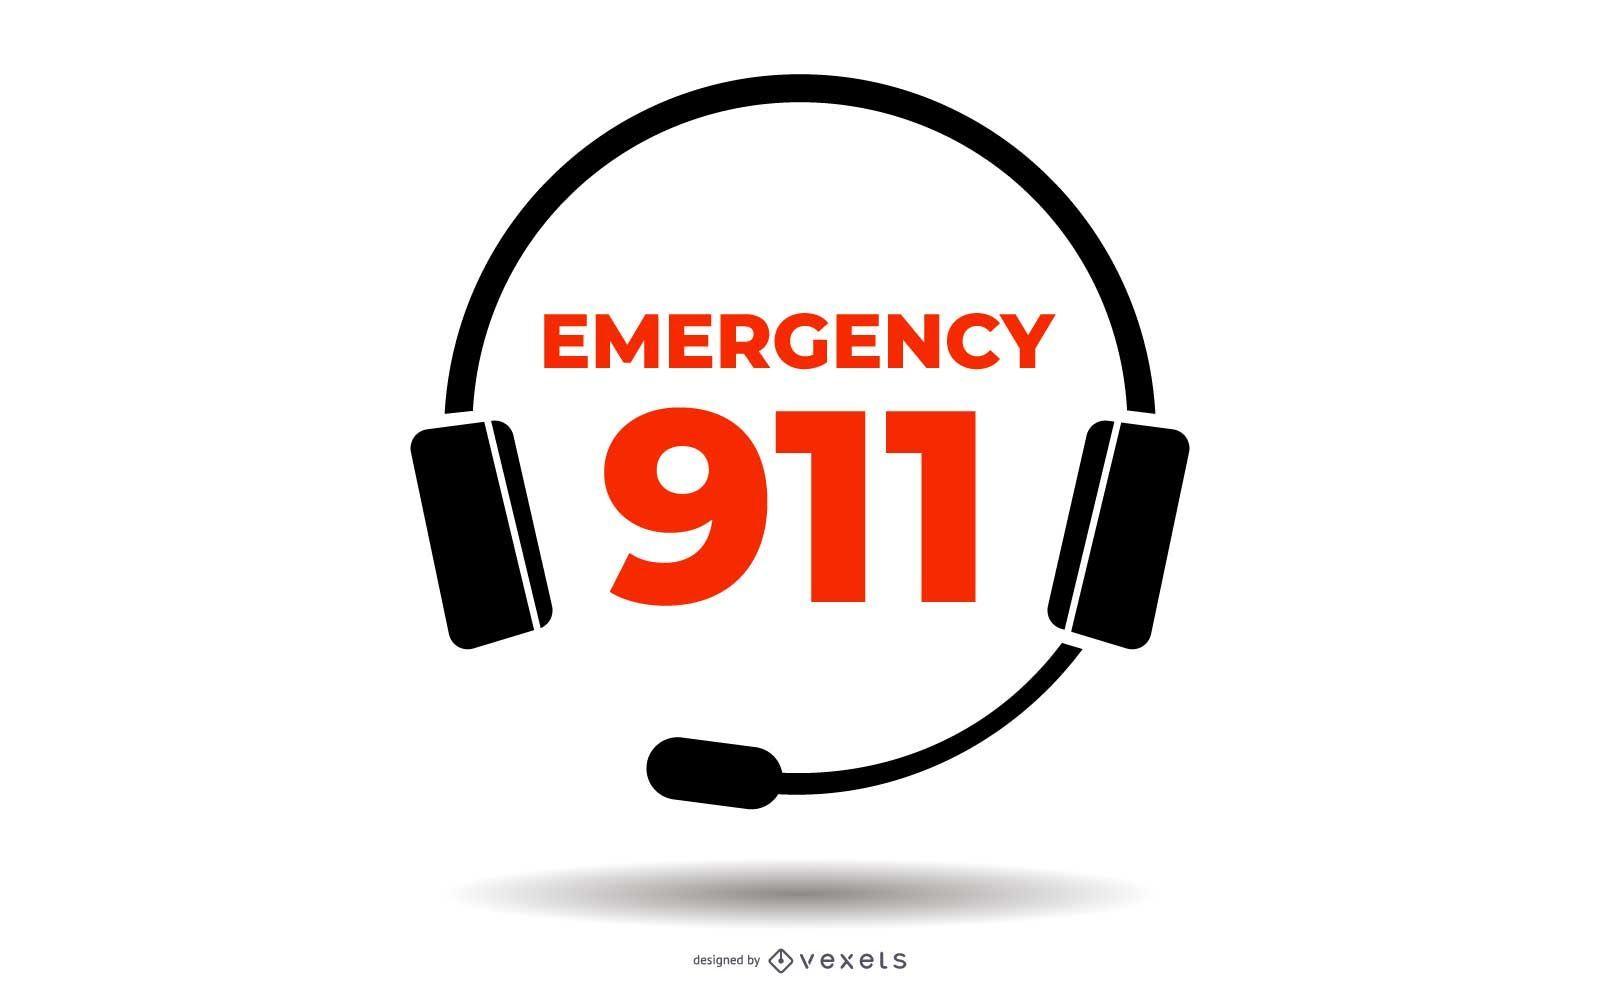 Insignia de emergencia 911